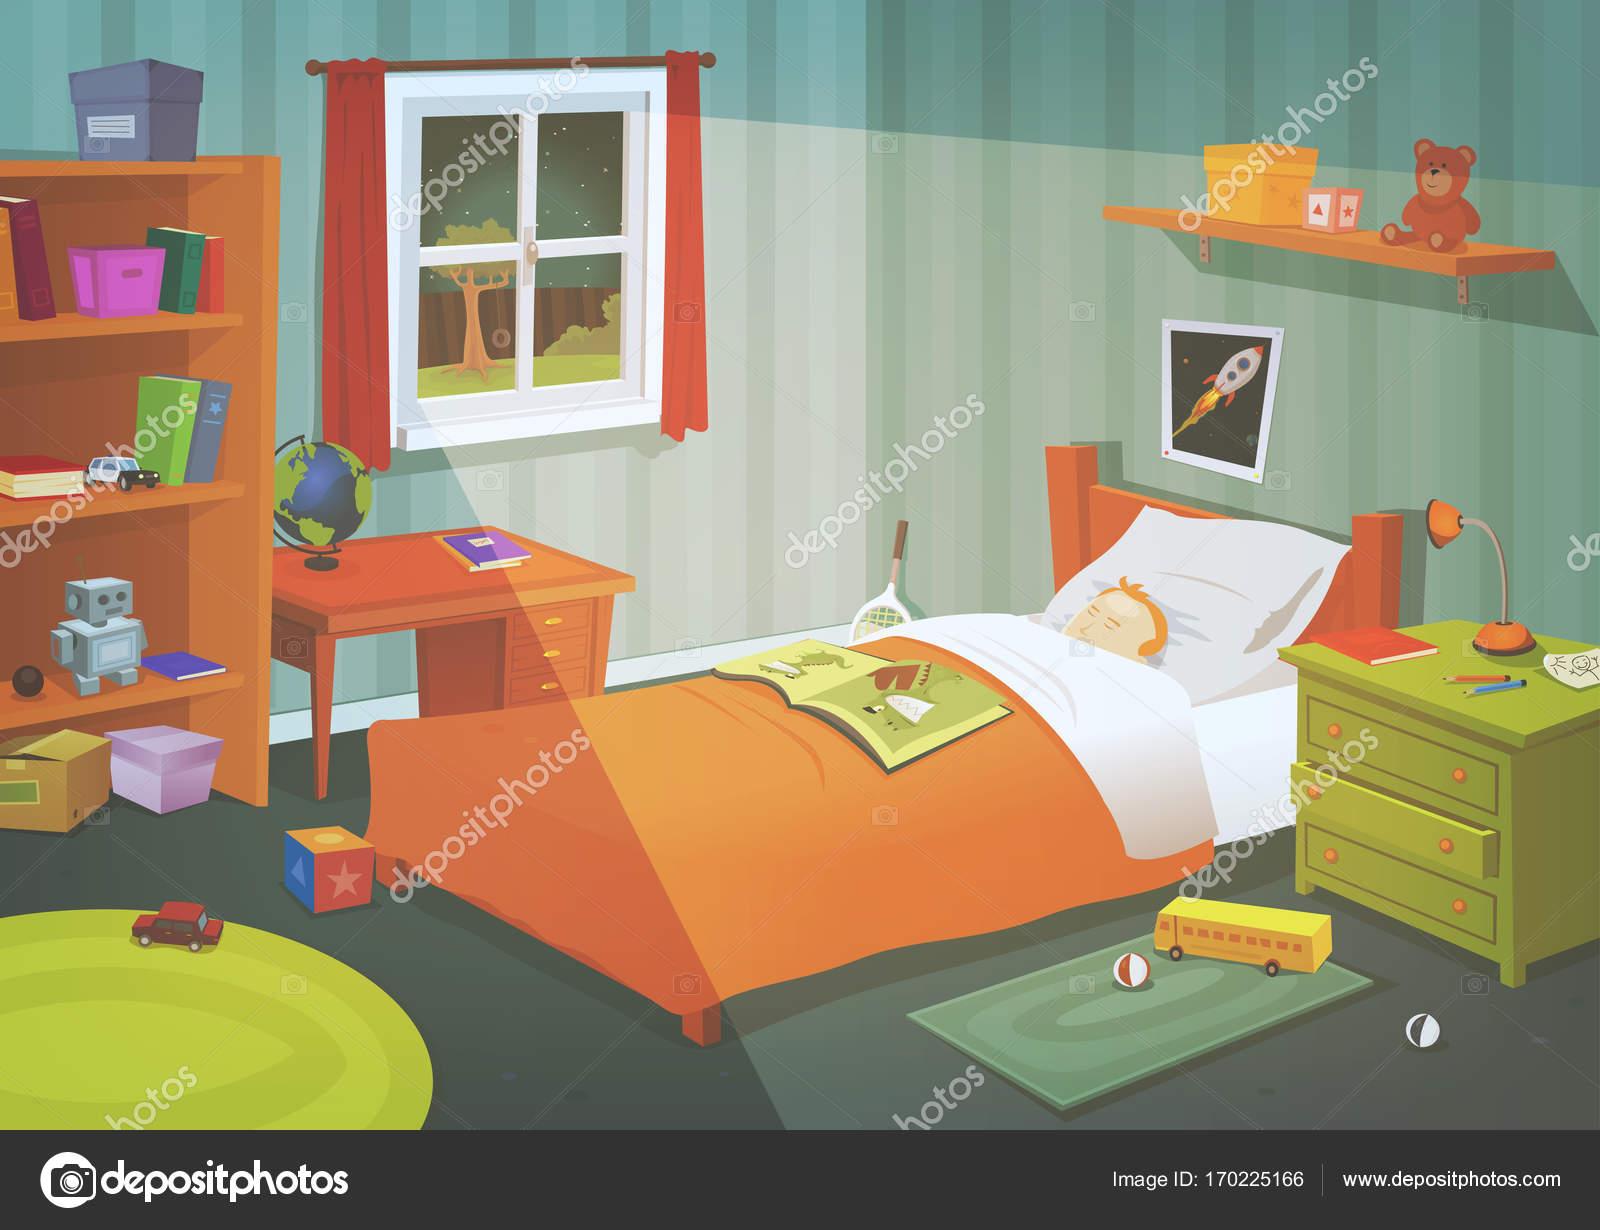 Accessoires Slaapkamer Kind : Kind of tiener slaapkamer in het maanlicht u2014 stockvector © benchyb